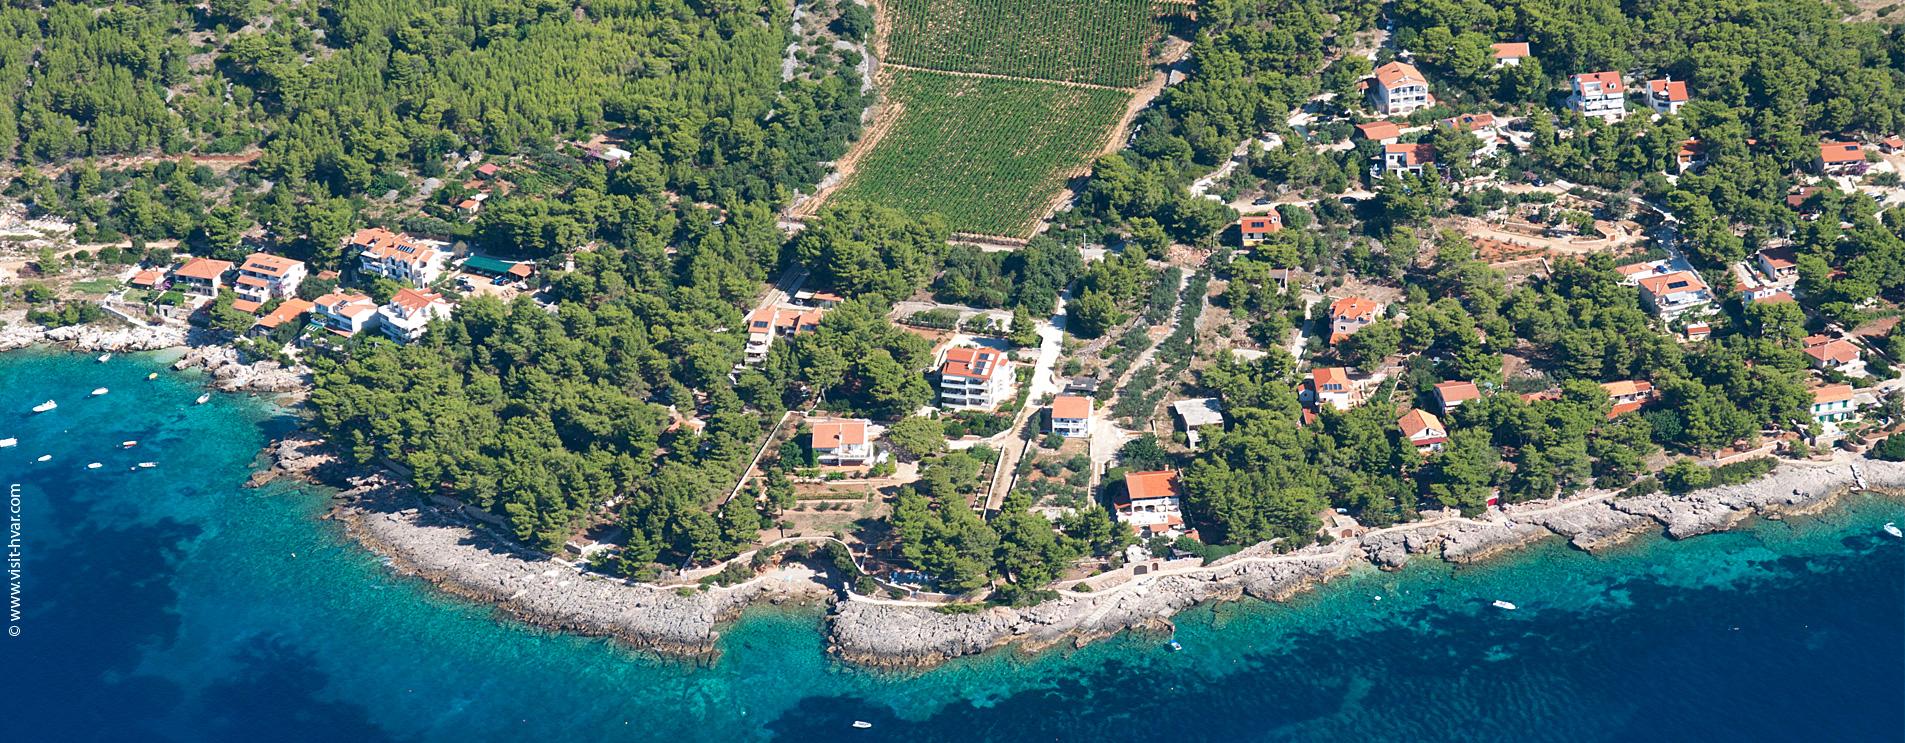 Willkommen in Zavala und sonnigen Insel Hvar